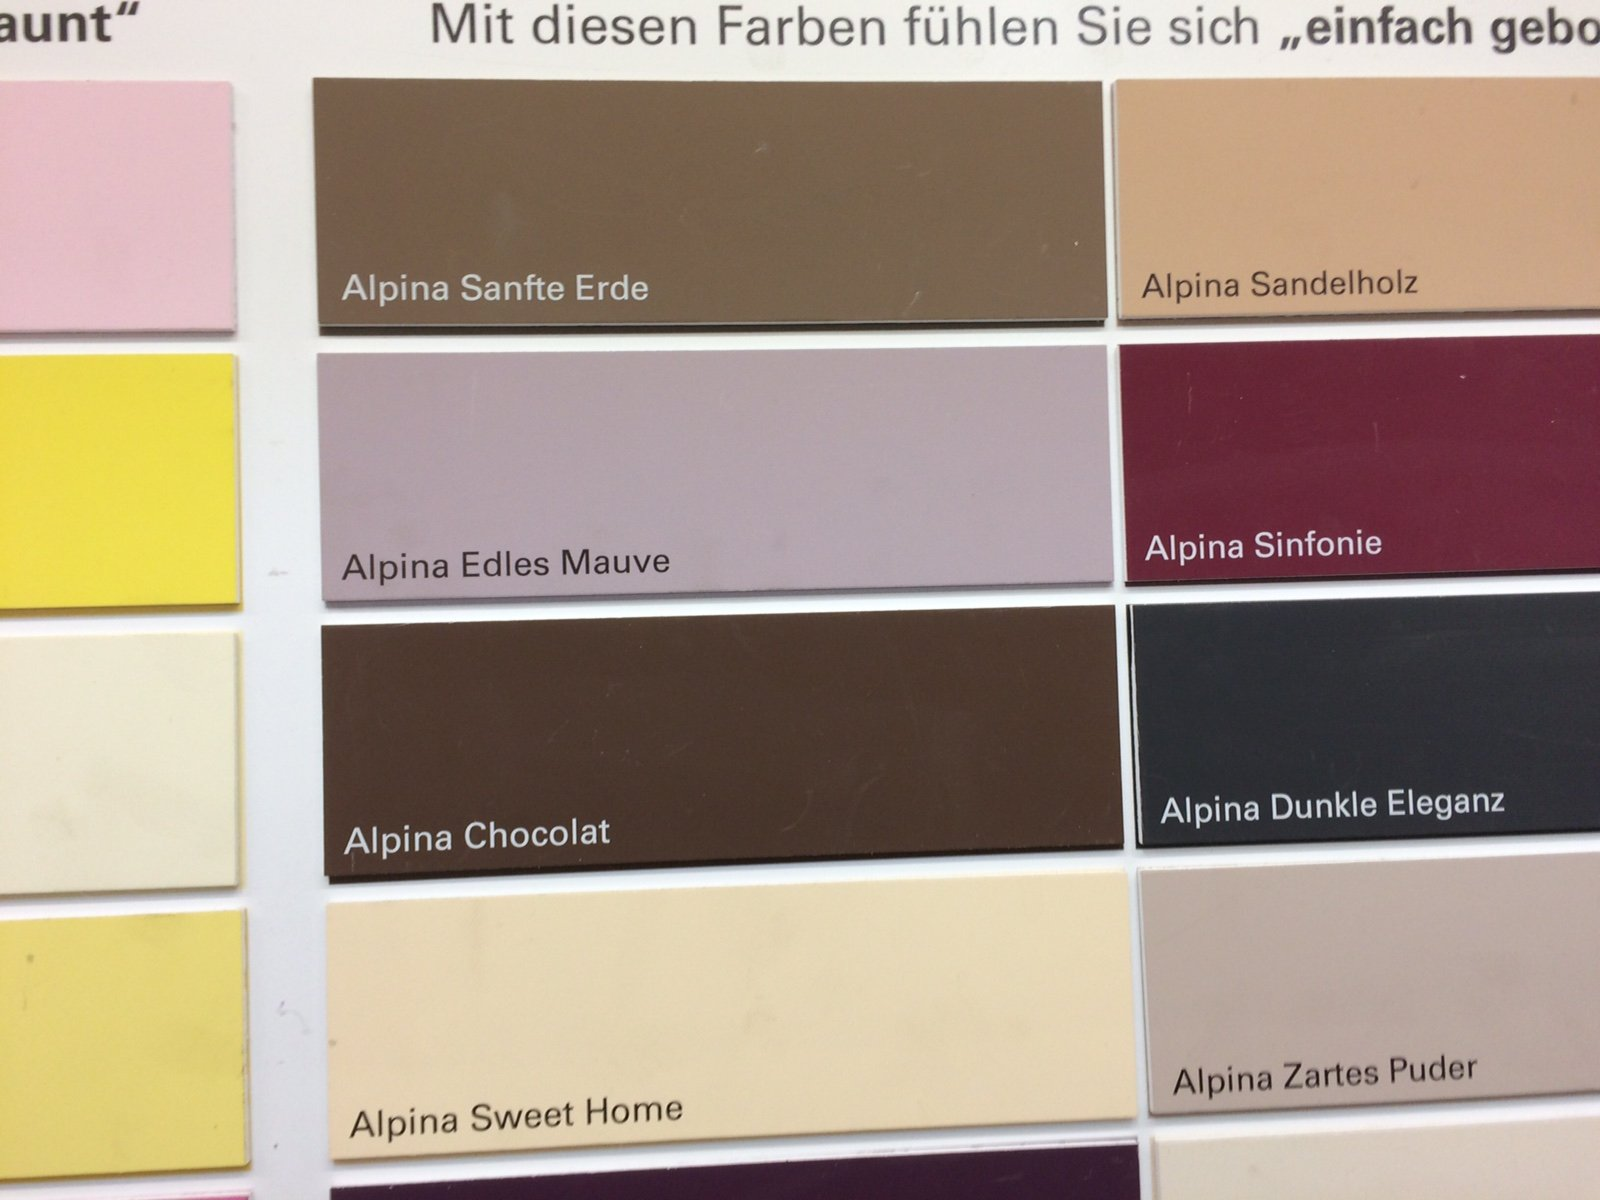 Farbauswahl im Baumarkt